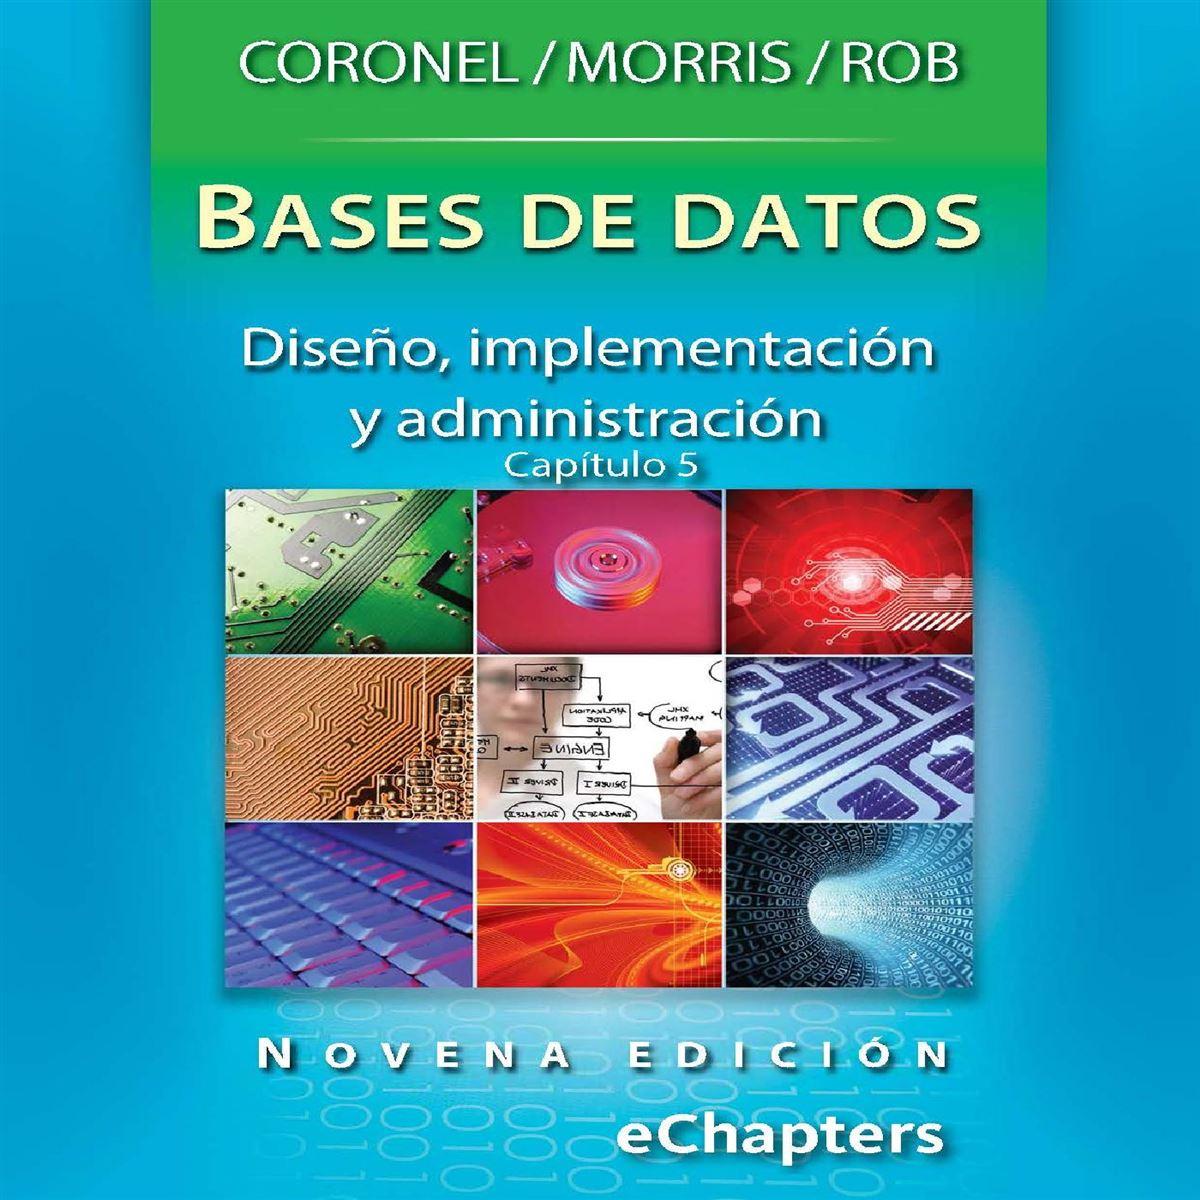 Bases de datos, diseño, implementación y administración. Capítulo 5